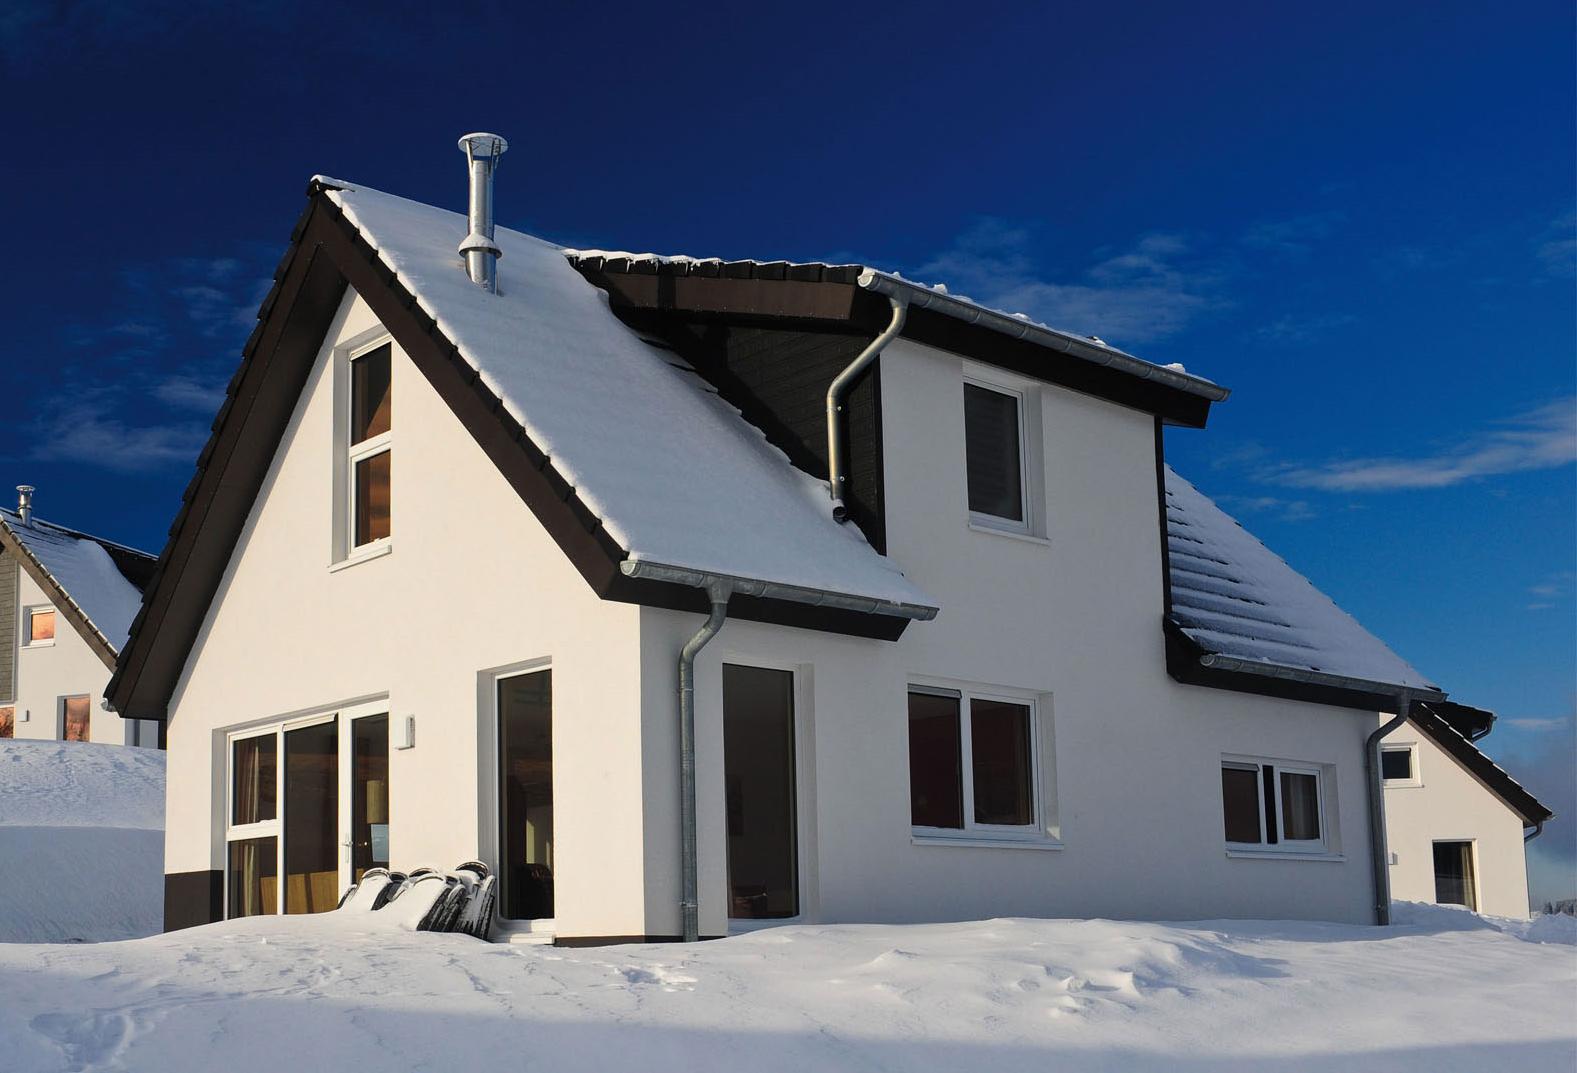 1 Foto buitenzijde sneeuw met zon goed formaat